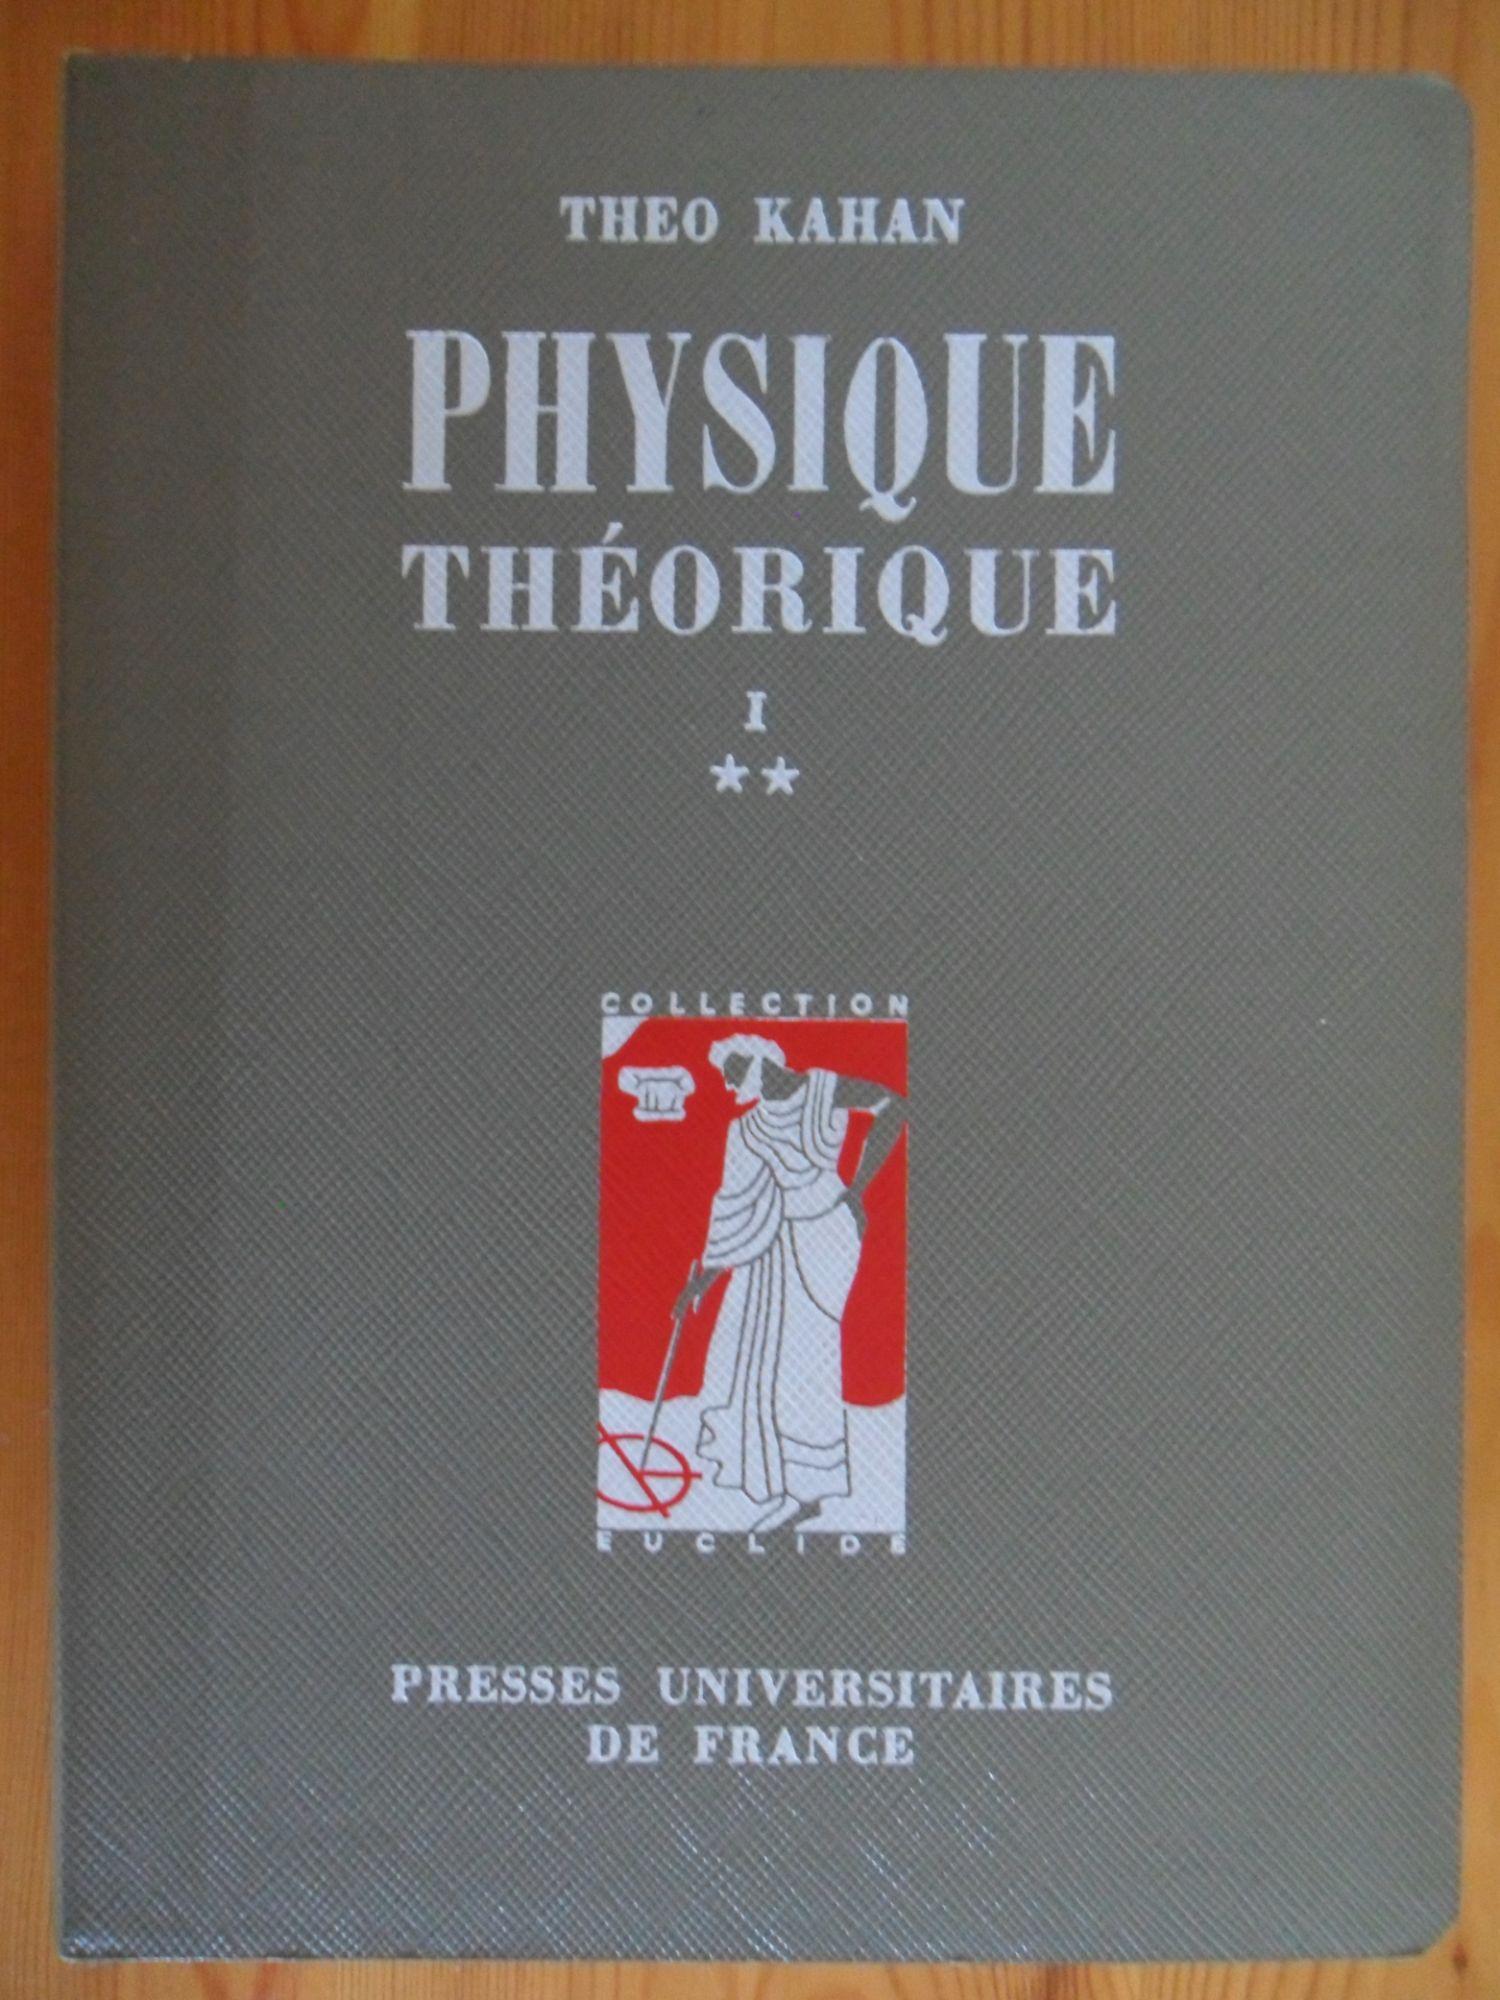 Précis de physique théorique moderne (2 tomes) Tome 1. Physique classique et relativiste, théorie classique des champs, volume 1 et volume 2